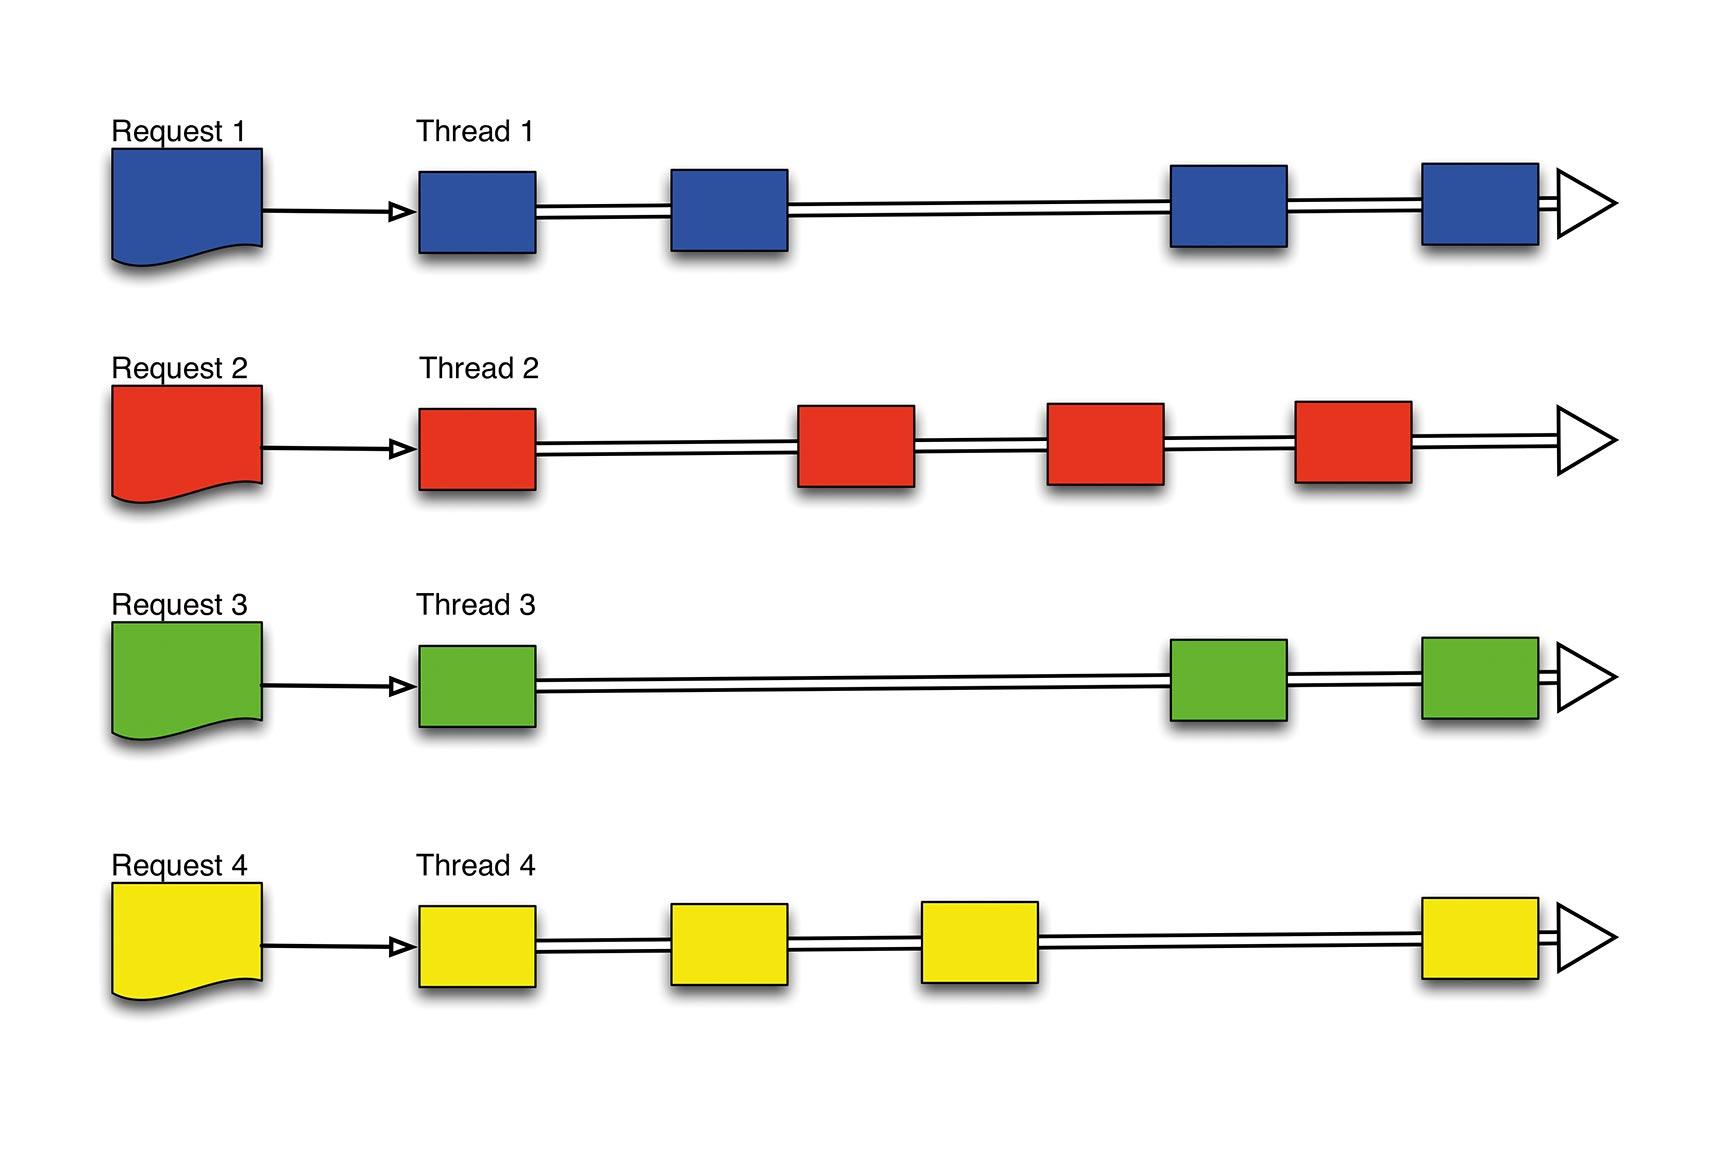 Huehnken-Reactive-1.tif_fmt1.jpg